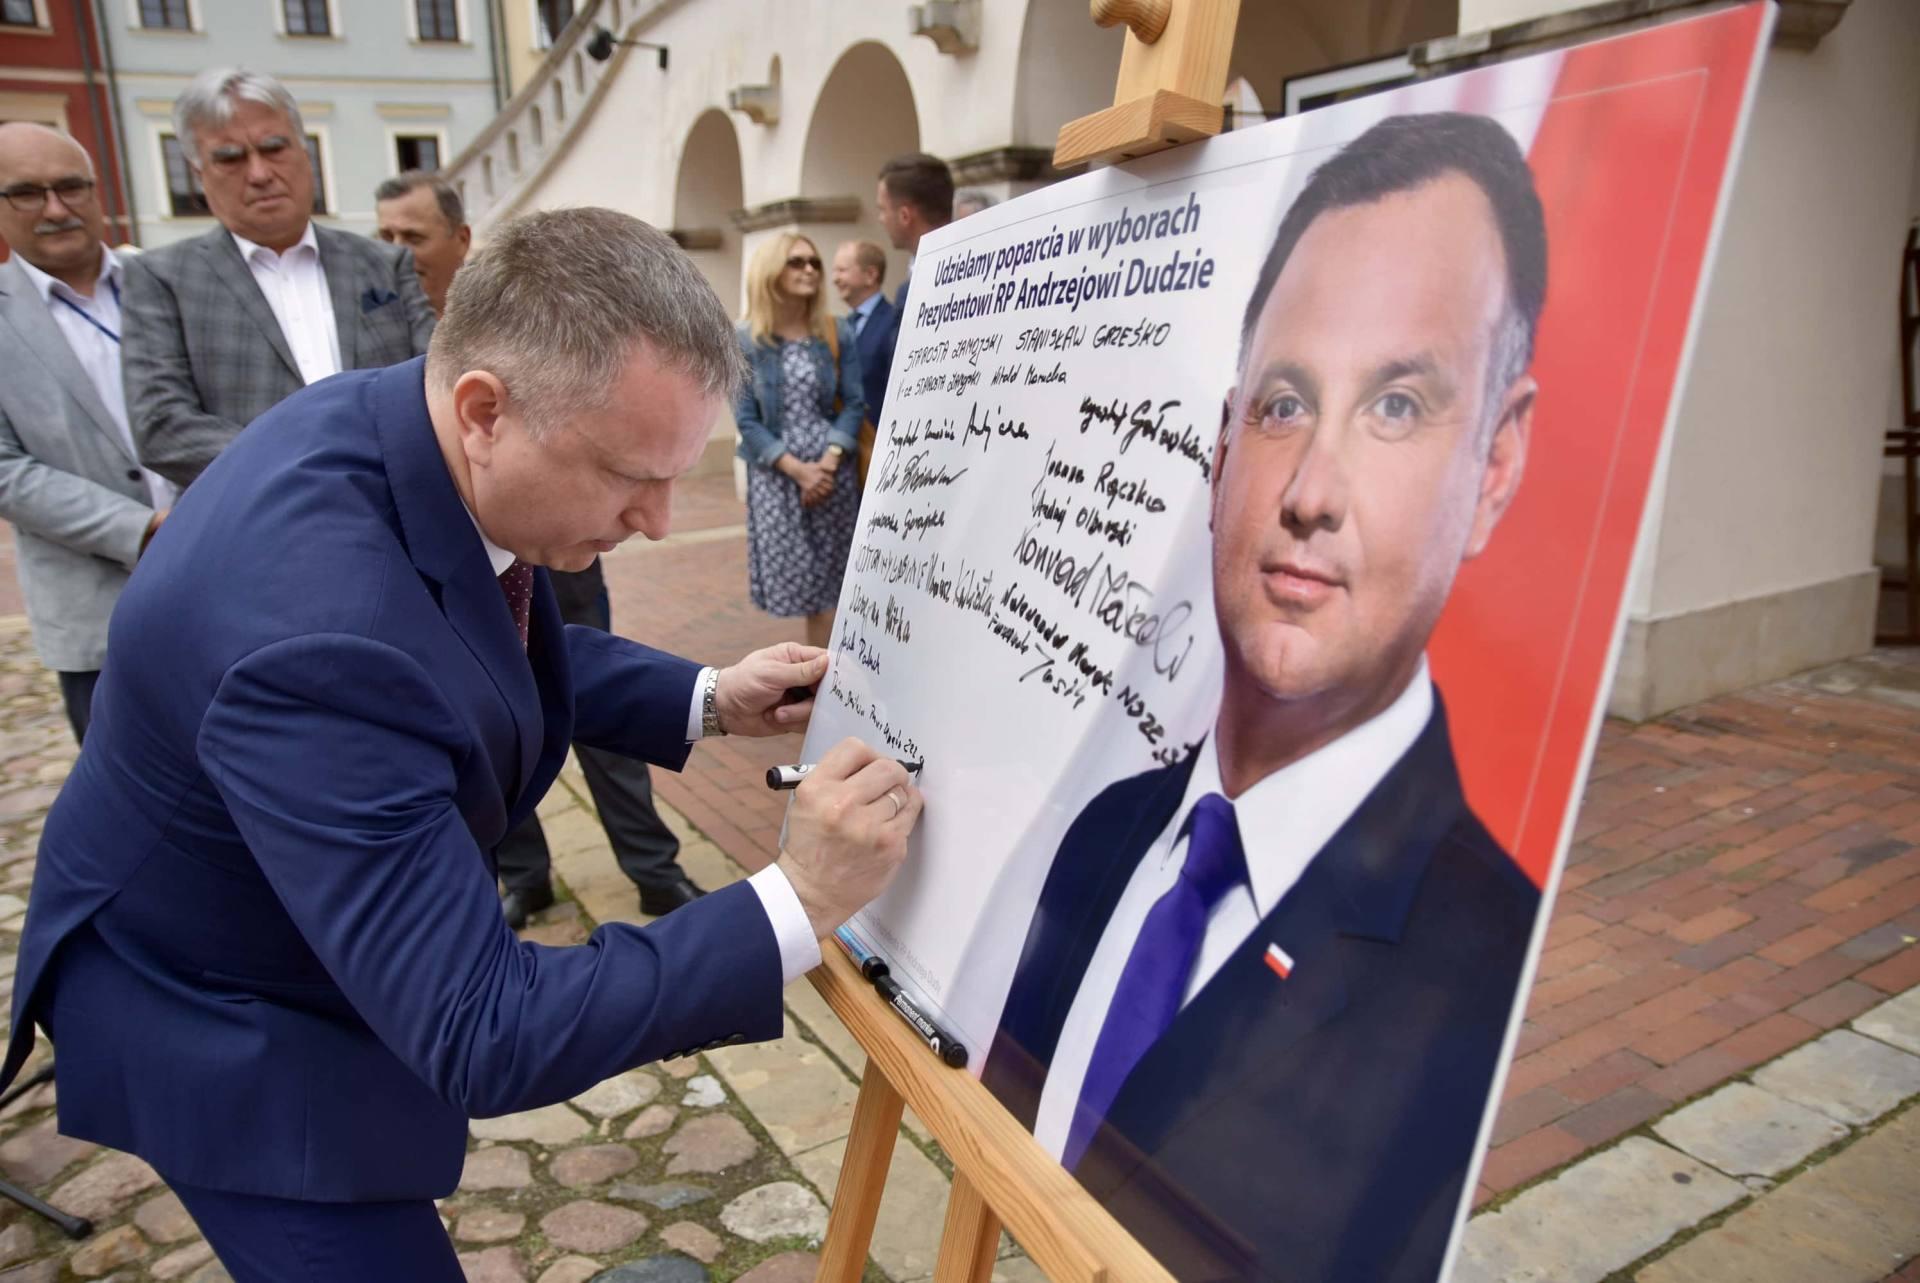 dsc 7791 Zamość: Udzielili poparcia prezydentowi Andrzejowi Dudzie